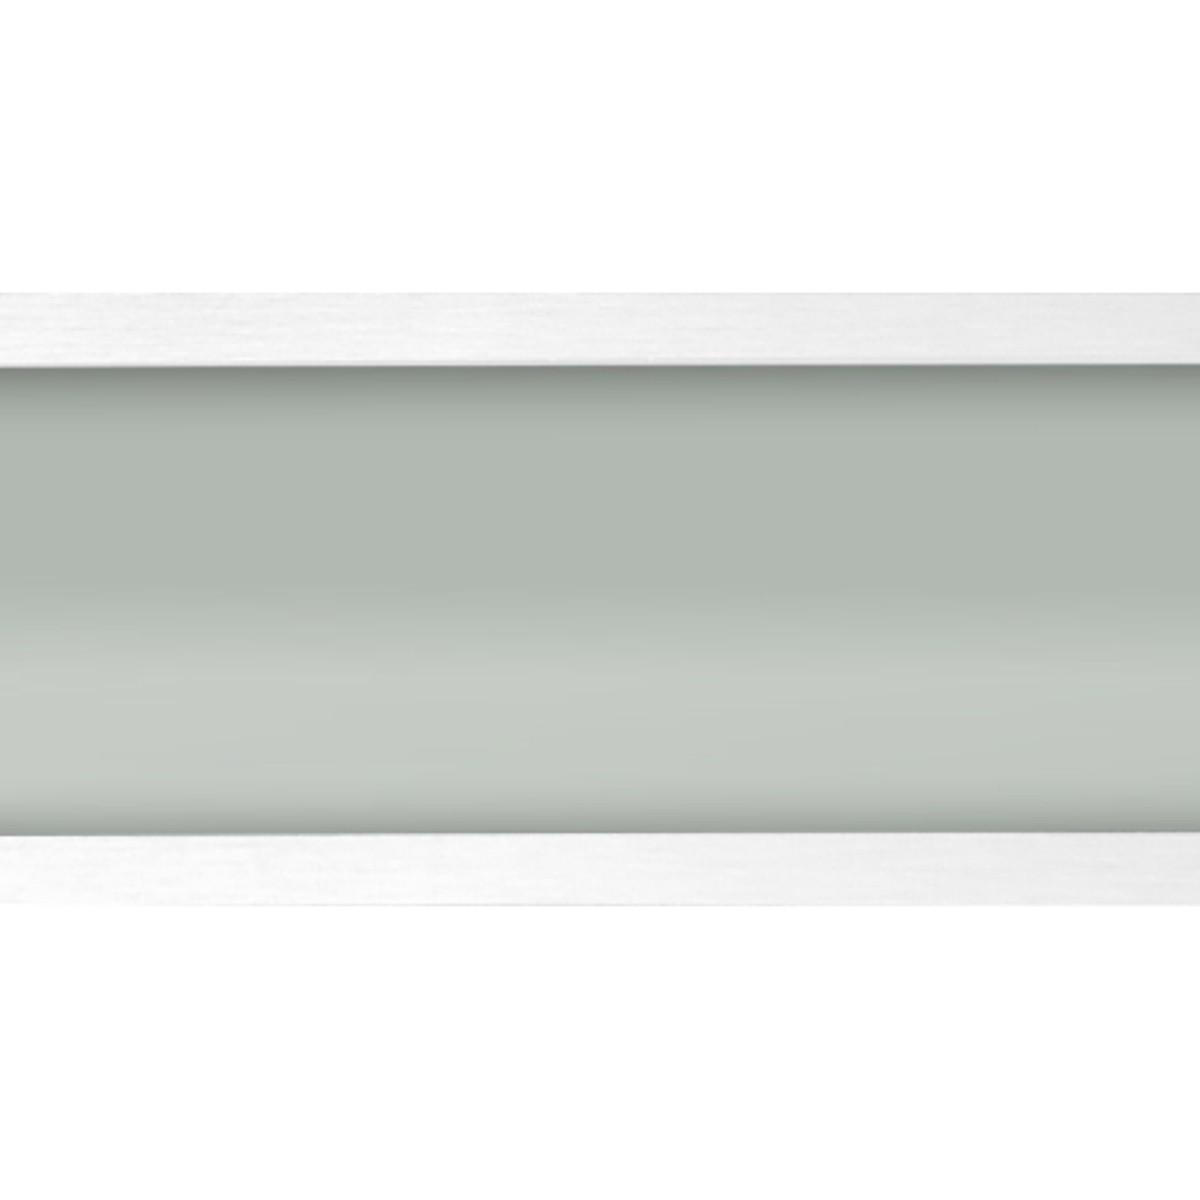 Plafon Space Emb. Ret. 135cm Alum. Vidro Fosco 2x40w Fluor.  Branco 05 Unidades